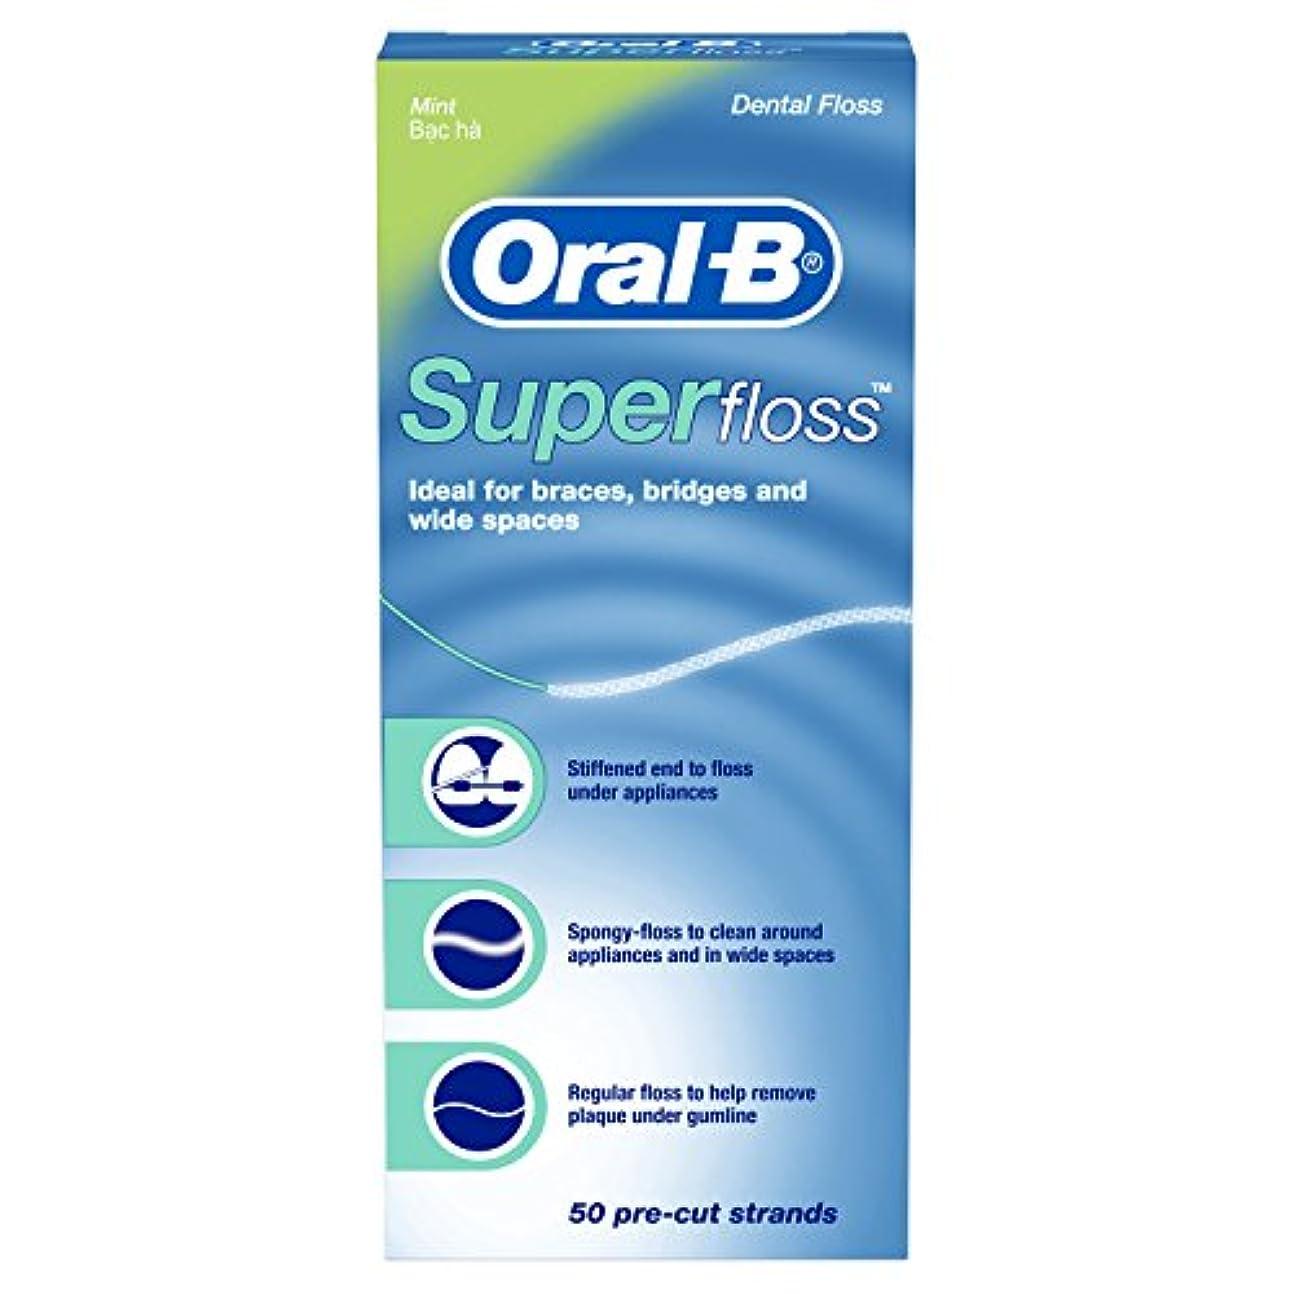 女王野な見かけ上Oral-B Super Floss Dental Floss Mint Strips 50-Count (並行輸入品)